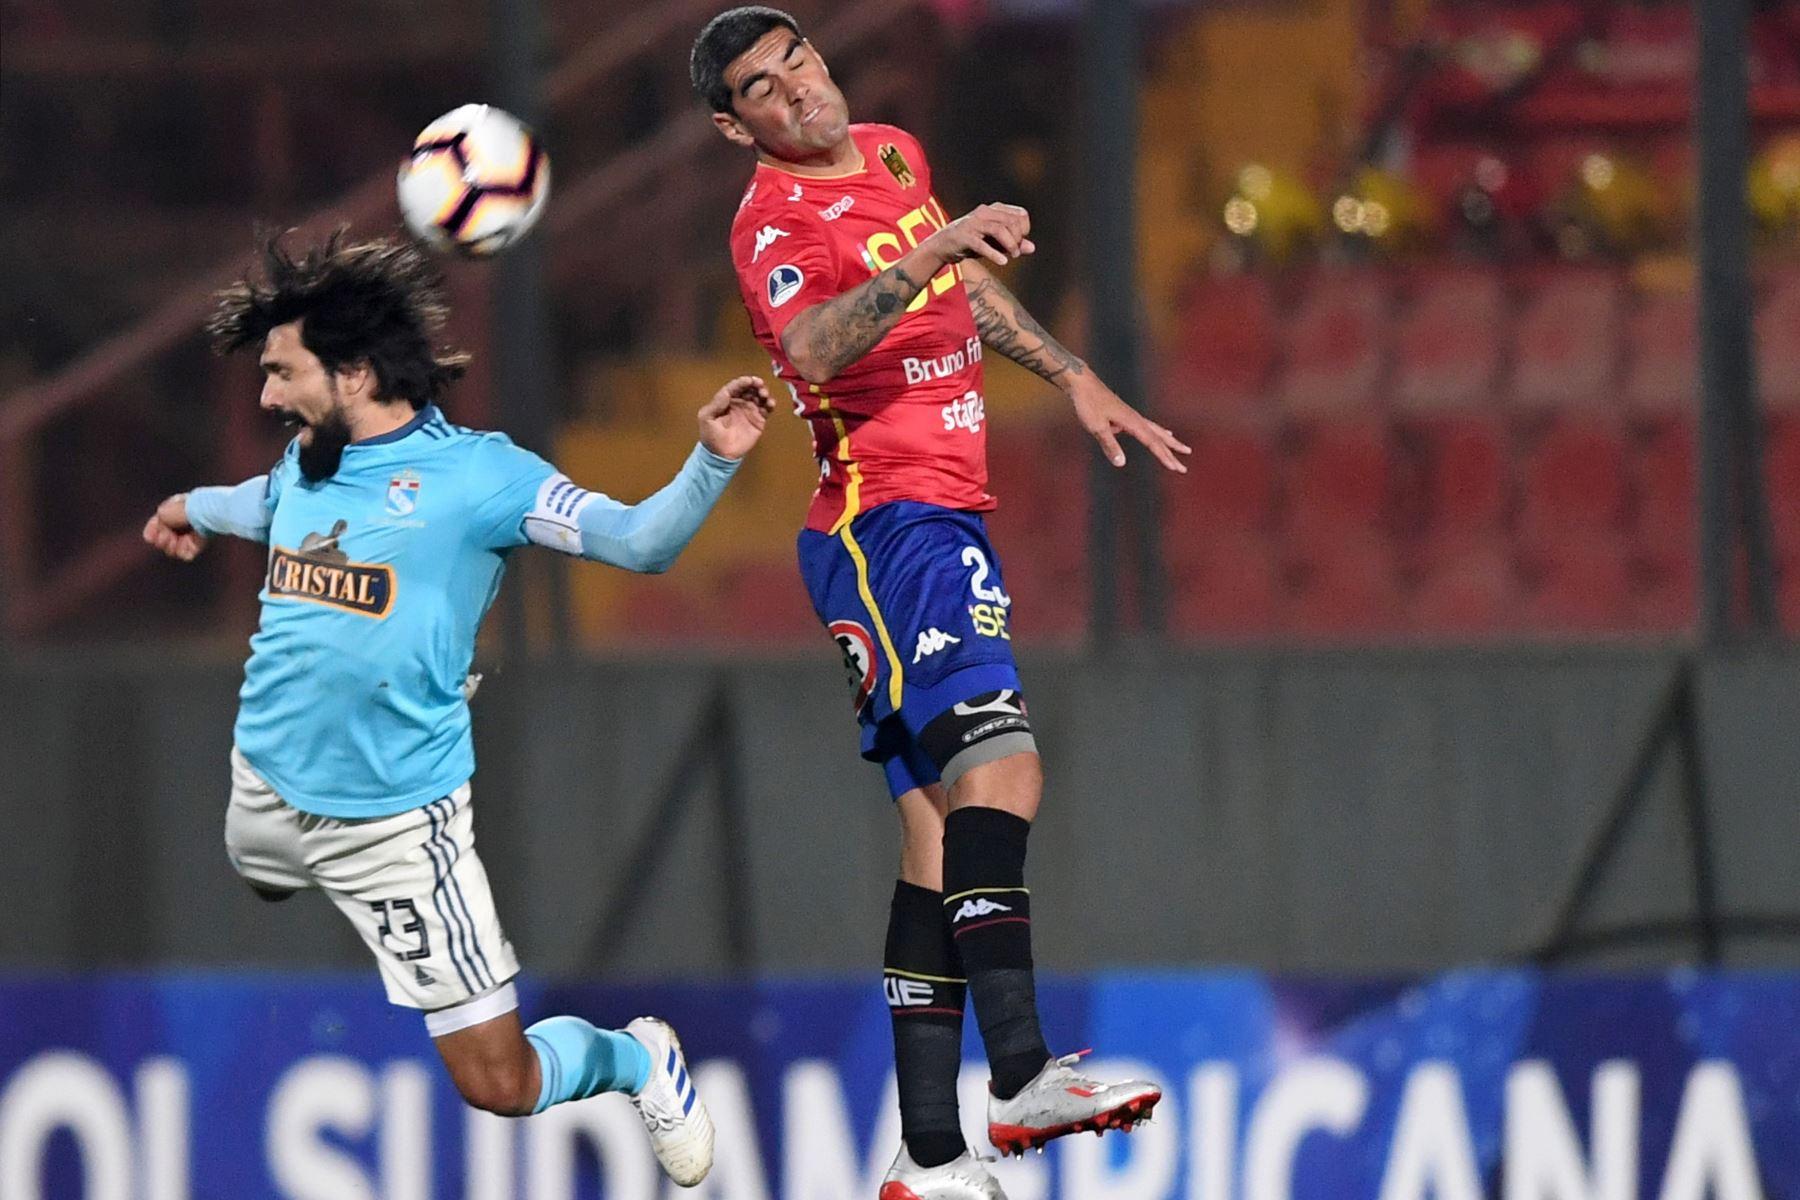 El futbolista de Sporting Cristal, Jorge Cazulo (L), compite por el balón con la Unión Española, Sebastián Varas, durante su partido de fútbol de Copa Sudamericana. Foto:AFP